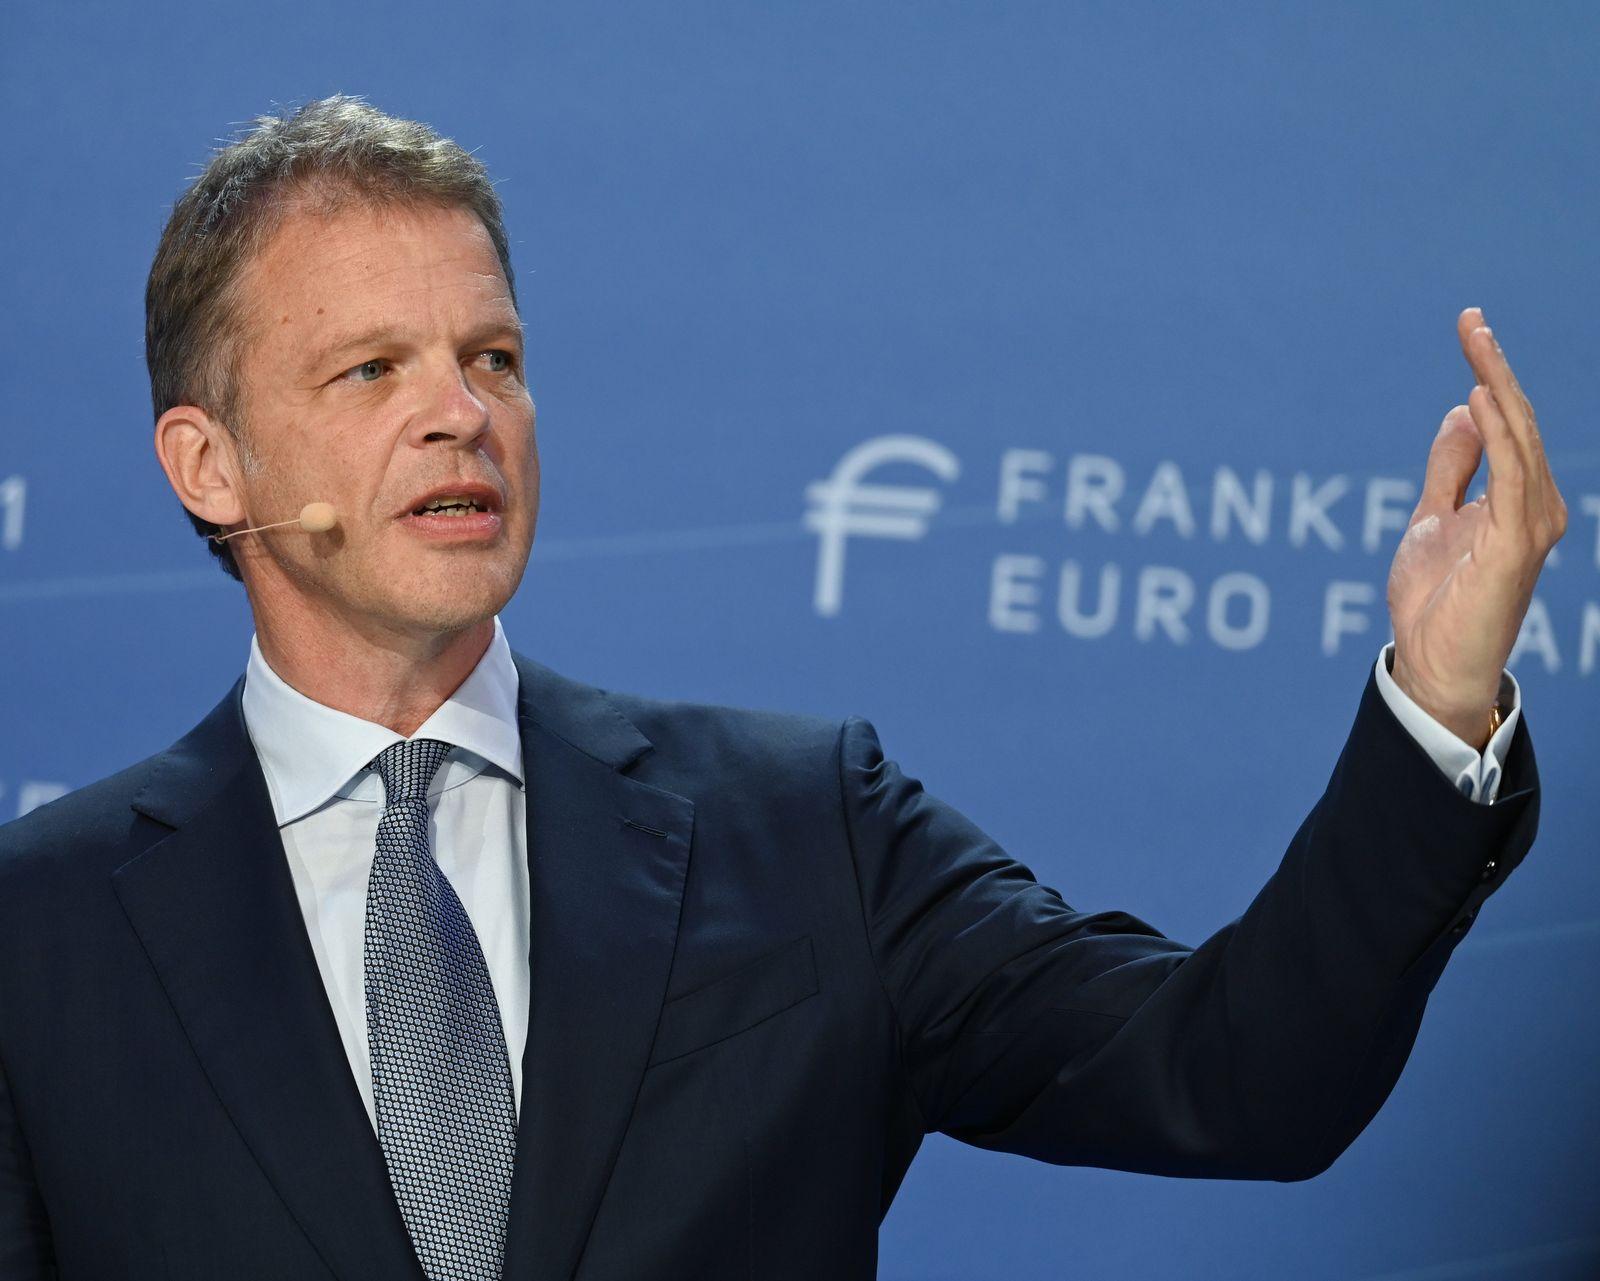 """Finanzkonferenz """"Frankfurt Euro Finance Summit"""""""